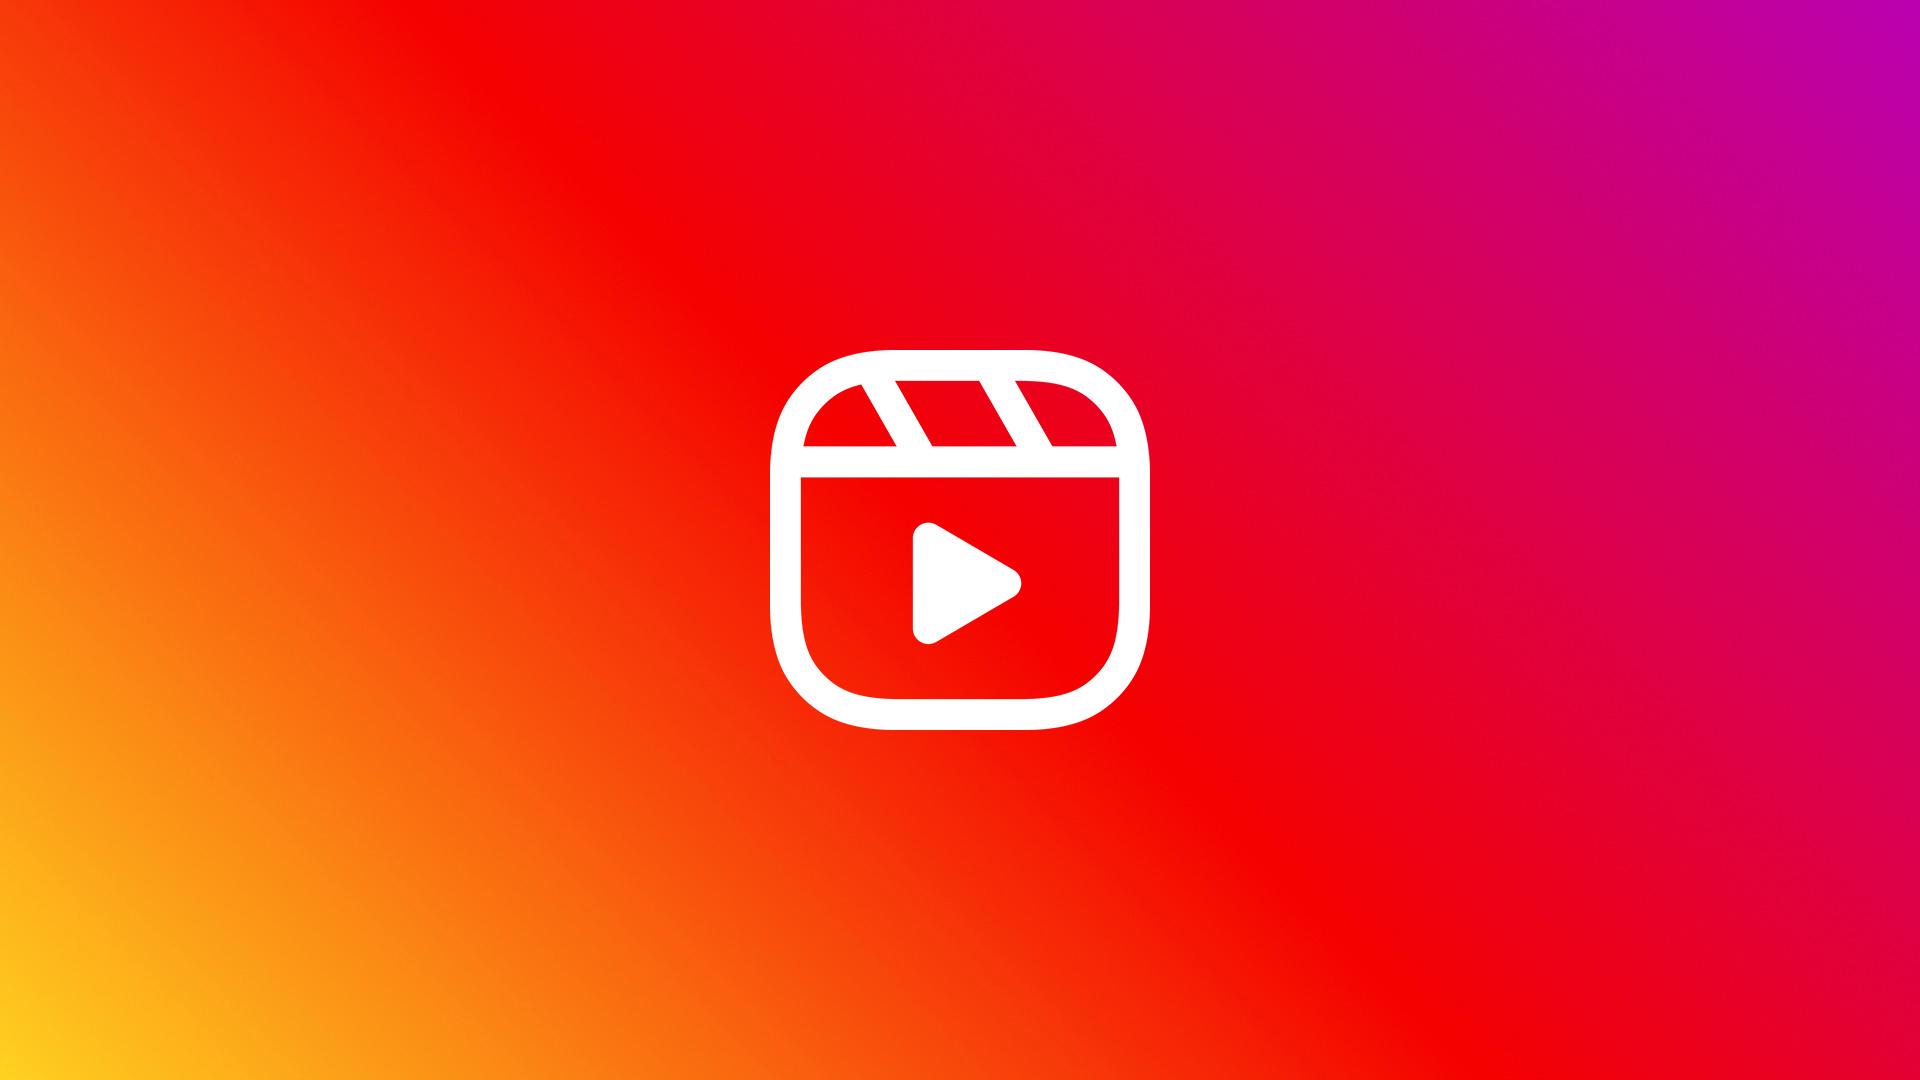 Cara Lengkap Membuat Reels Instagram yang Menarik Dengan Mudah